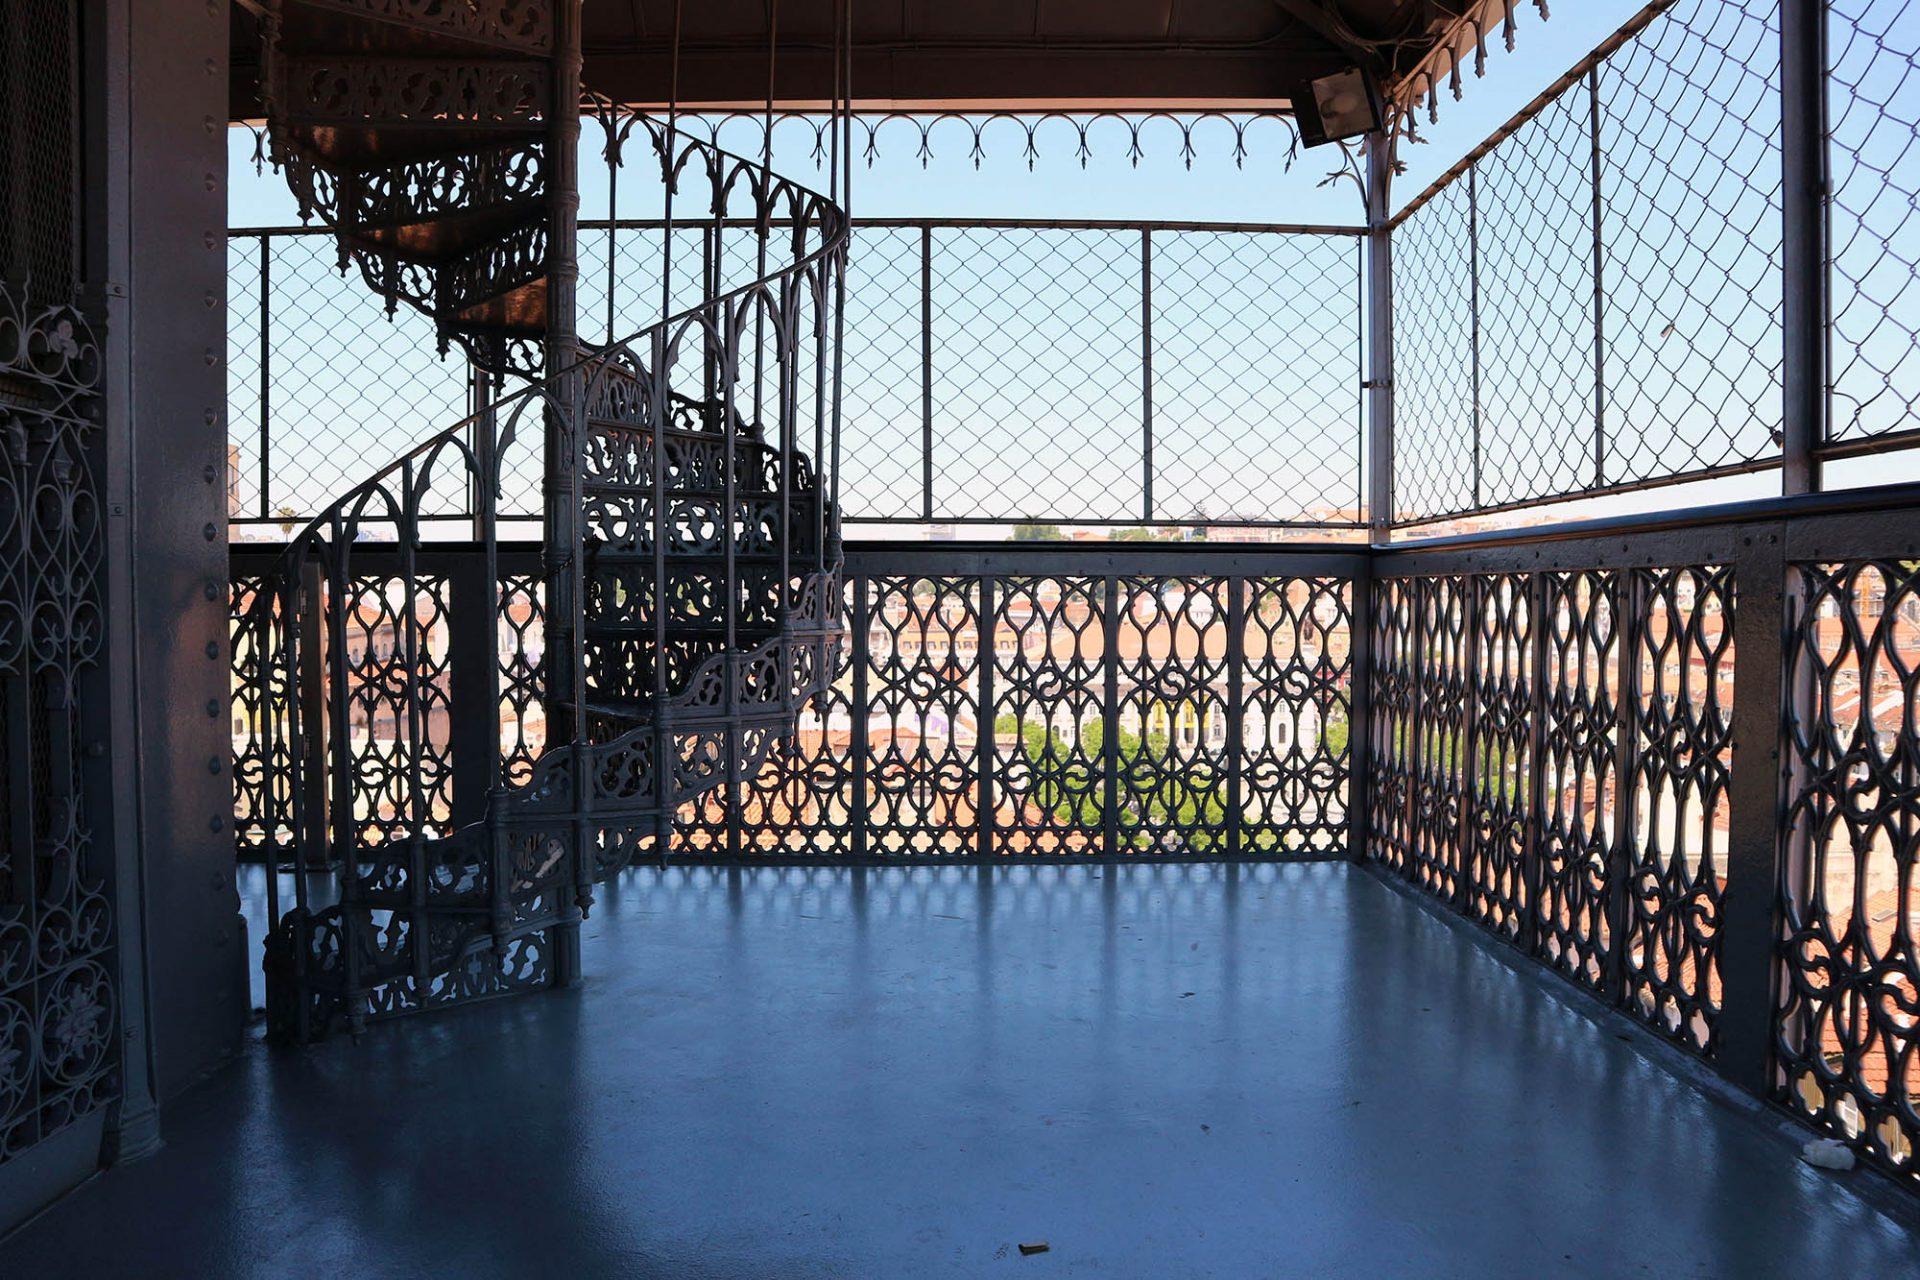 Elevador de Santa Justa.  Reich verzierte Wendeltreppen führen zum höher gelegenen Café mit Aussichtsplattform.